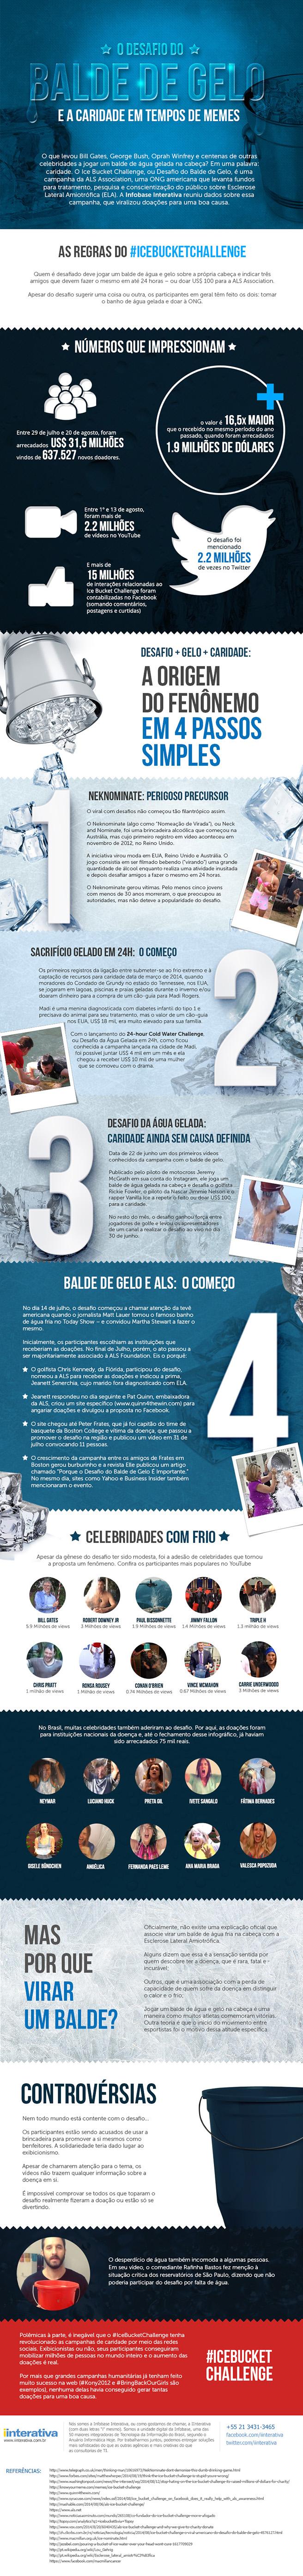 desafio-do-gelo-infografico-bluebus